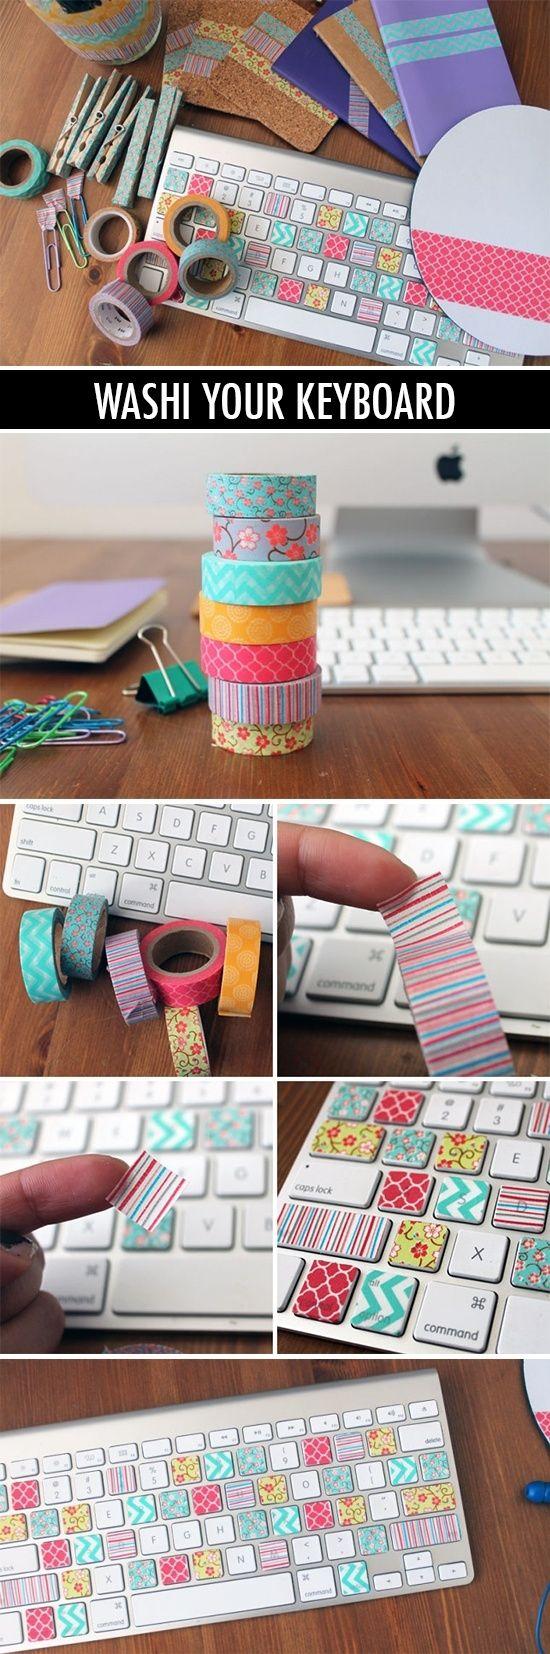 Décorer son ordi avec du masking tape   #diy #ordinateur #computer #portable